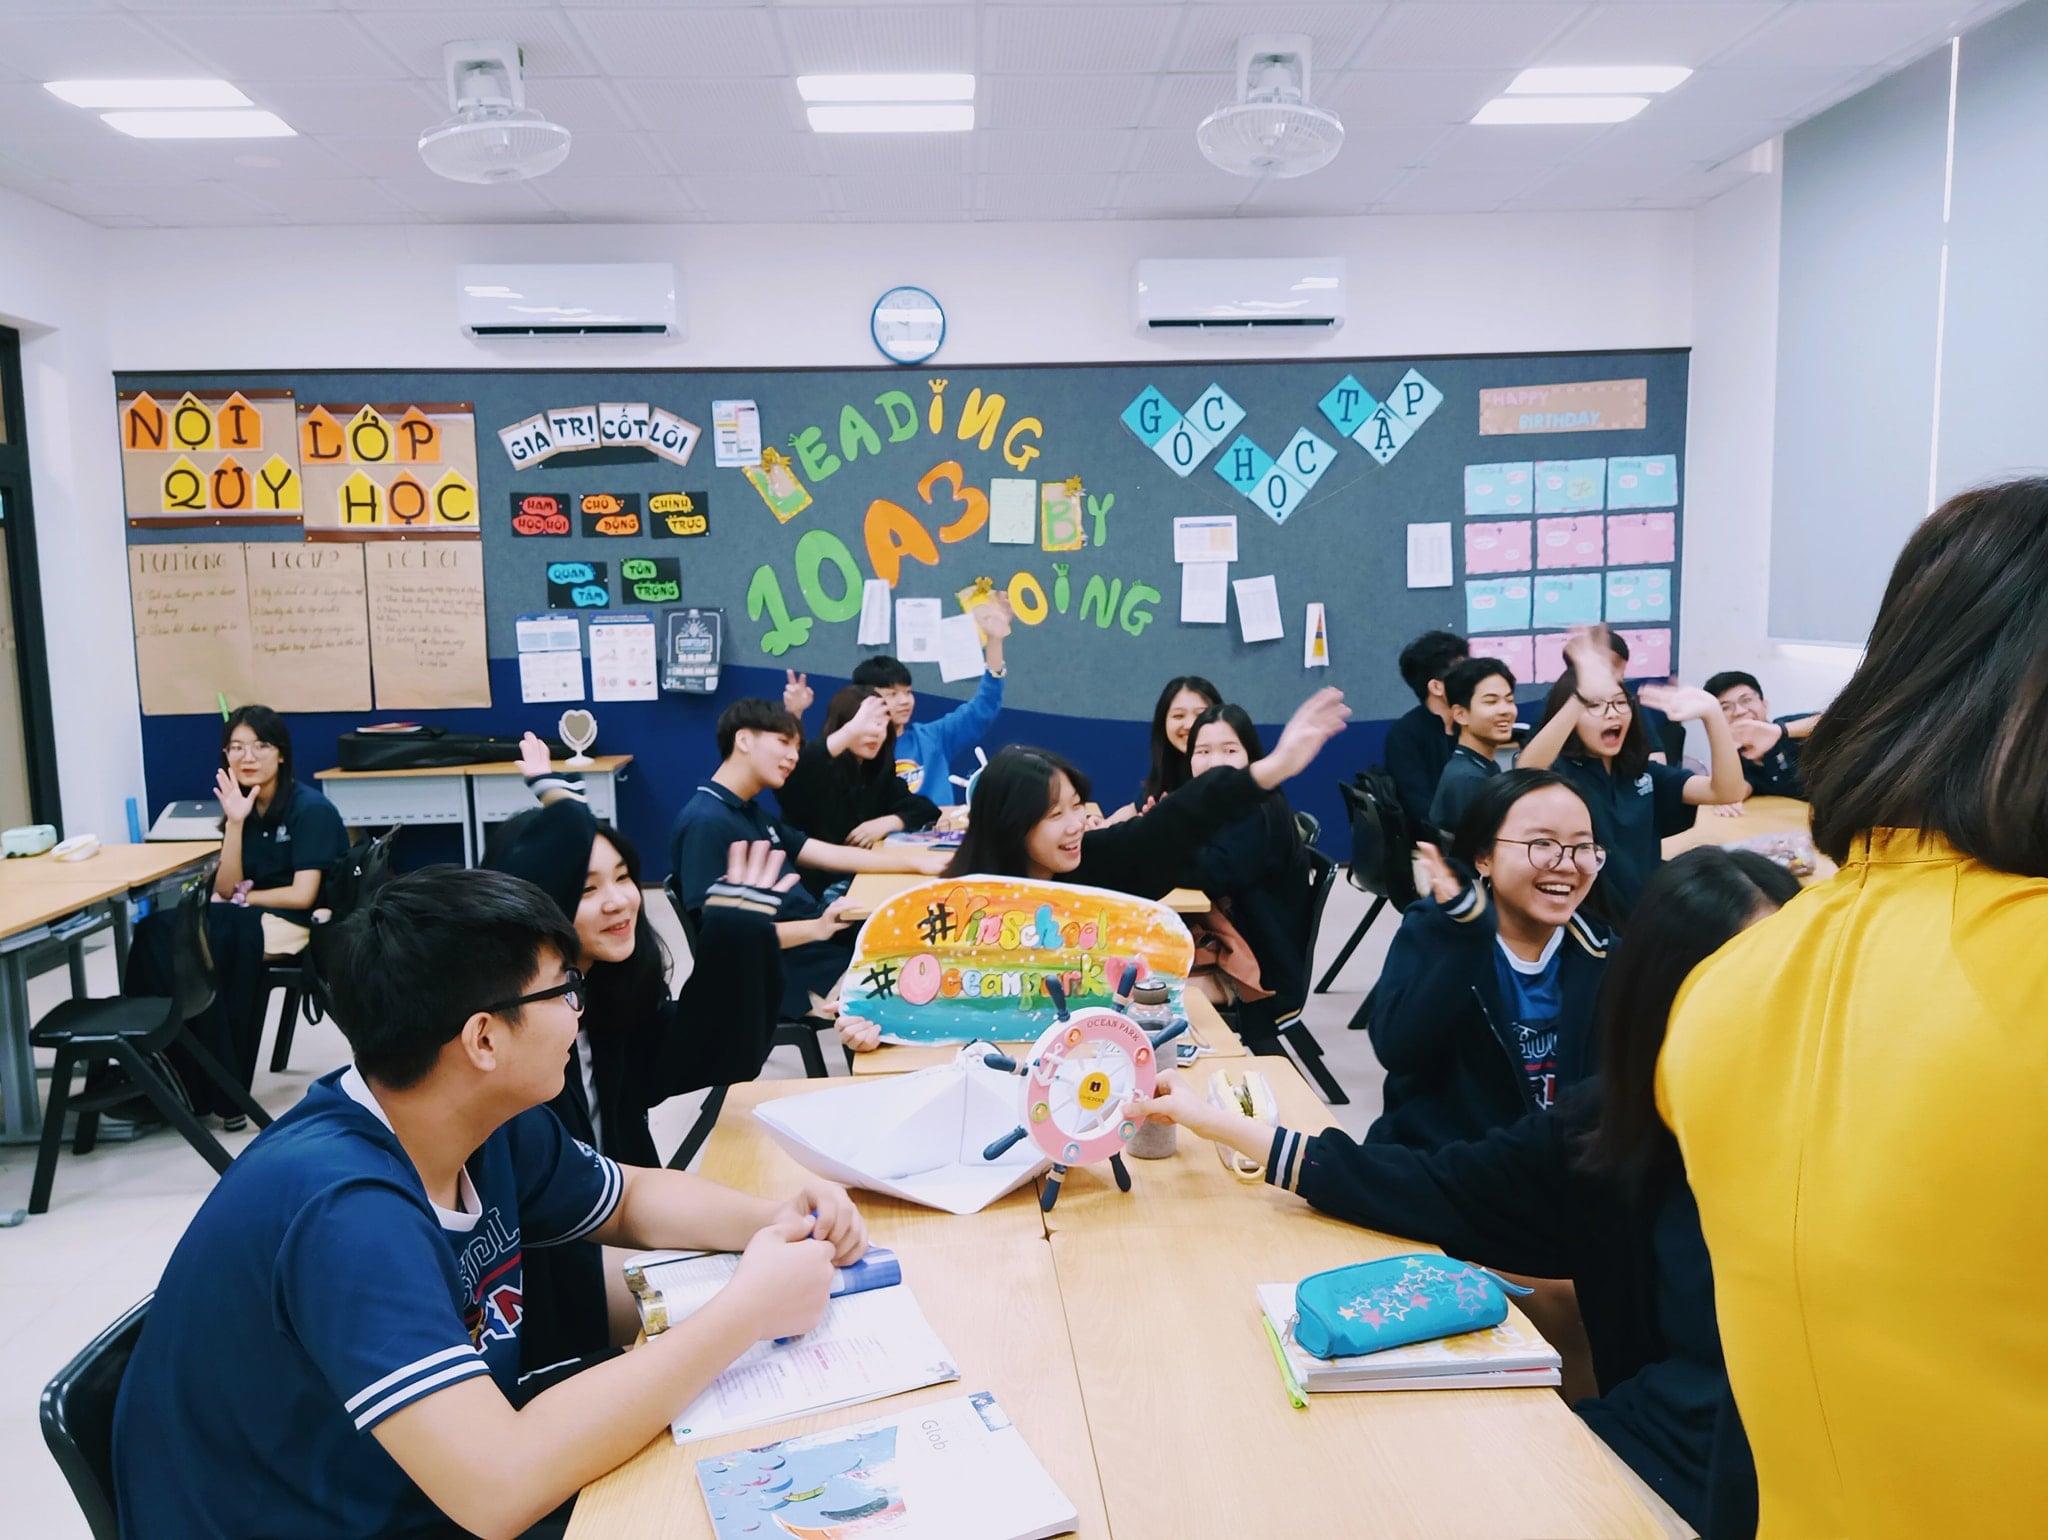 kết nối học tập trực tuyến